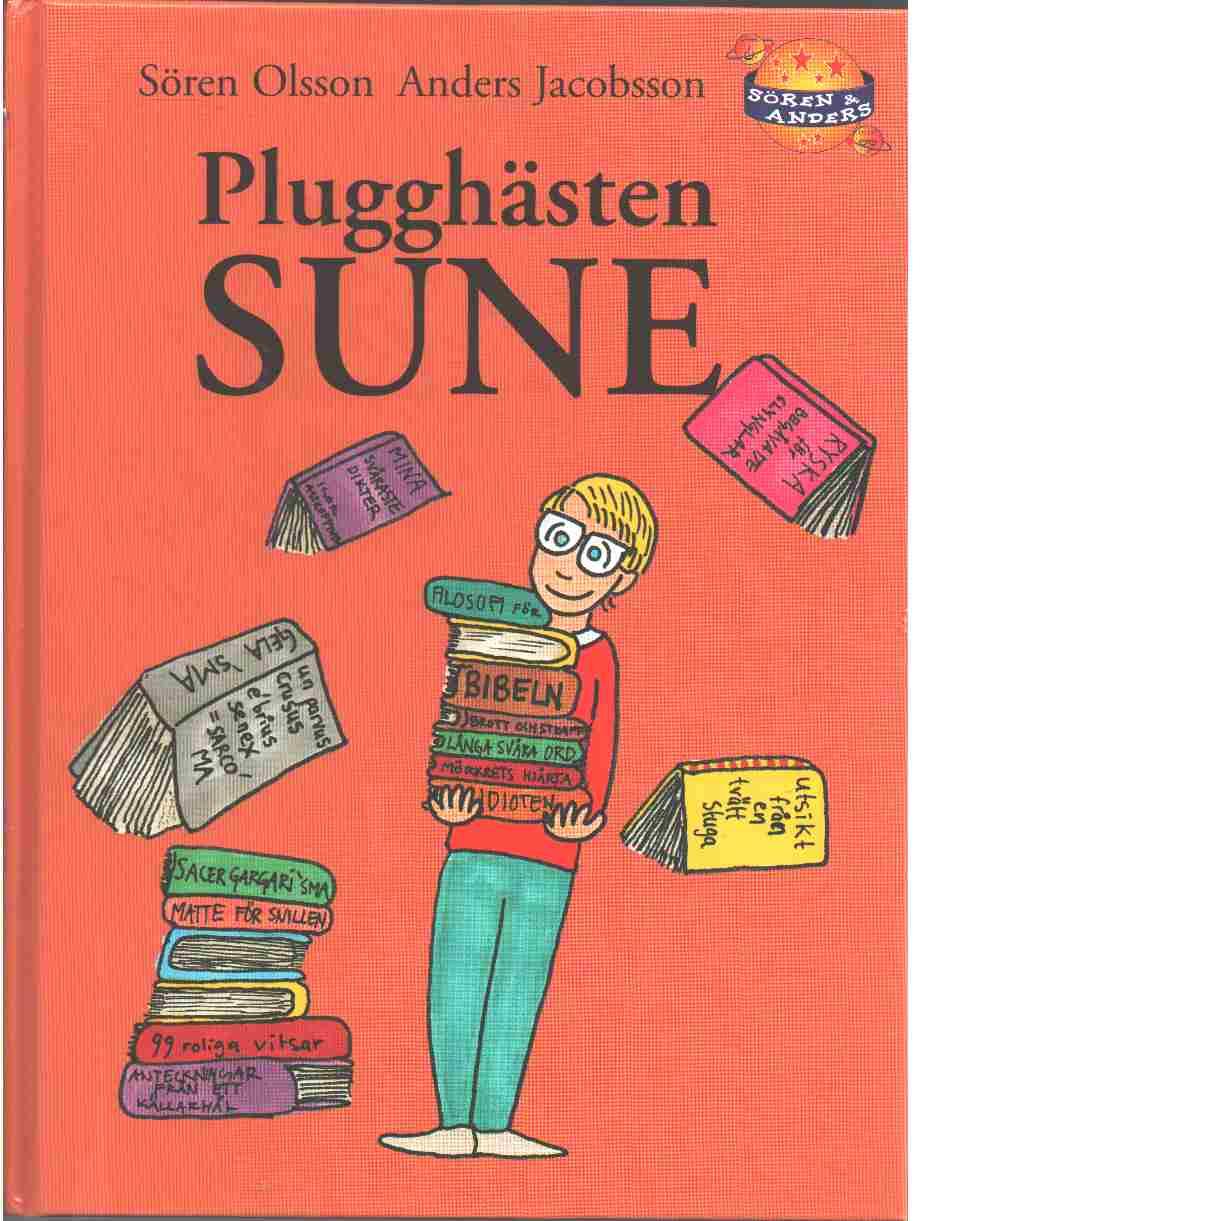 Plugghästen Sune - Jacobsson, Anders,  och Olsson, Sören